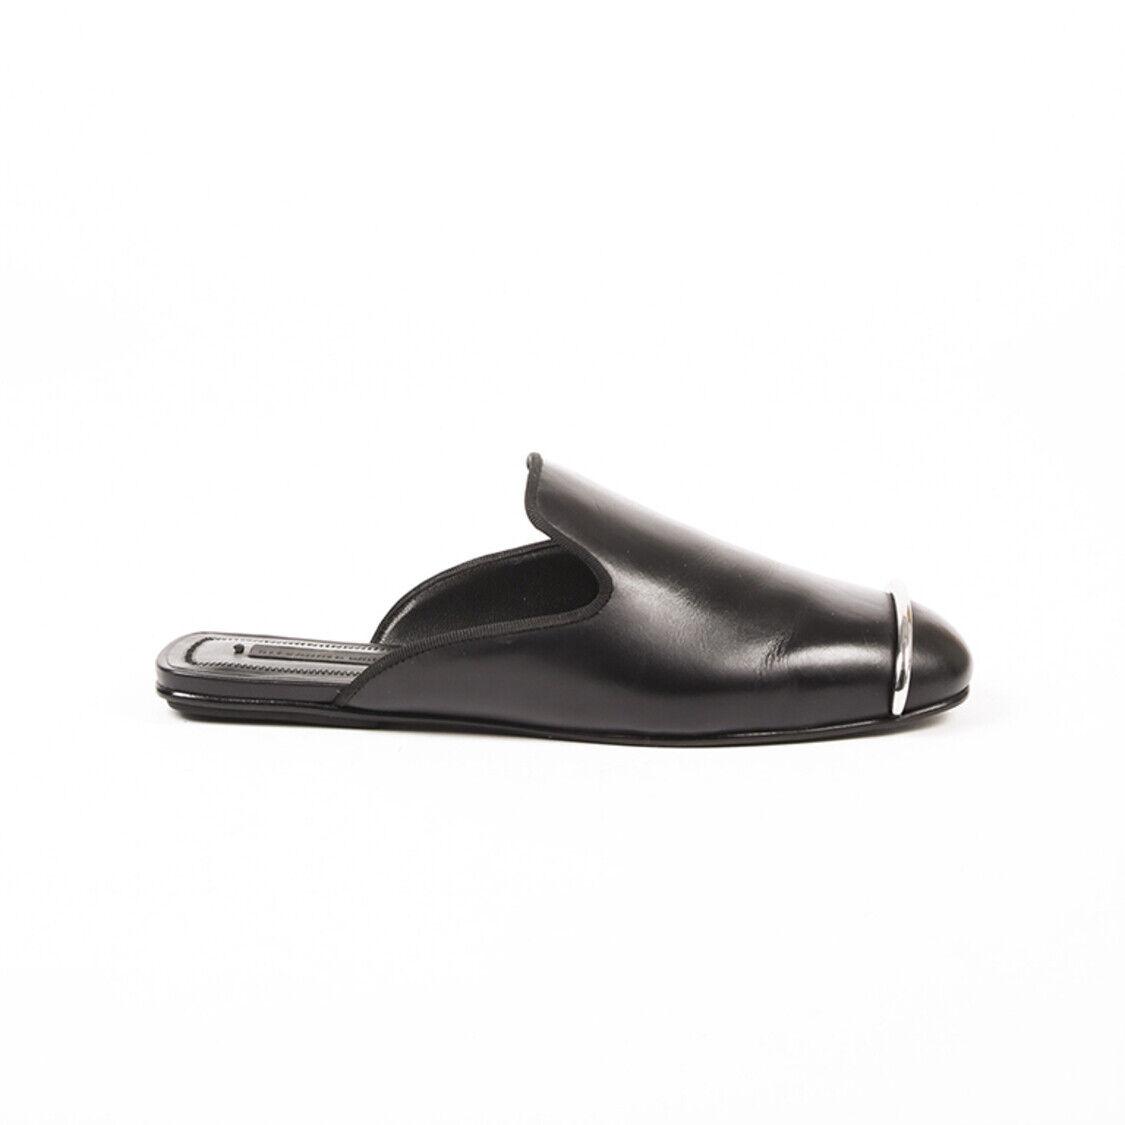 Alexander Wang Jaelle cuir noir bout carré Mules SZ 35